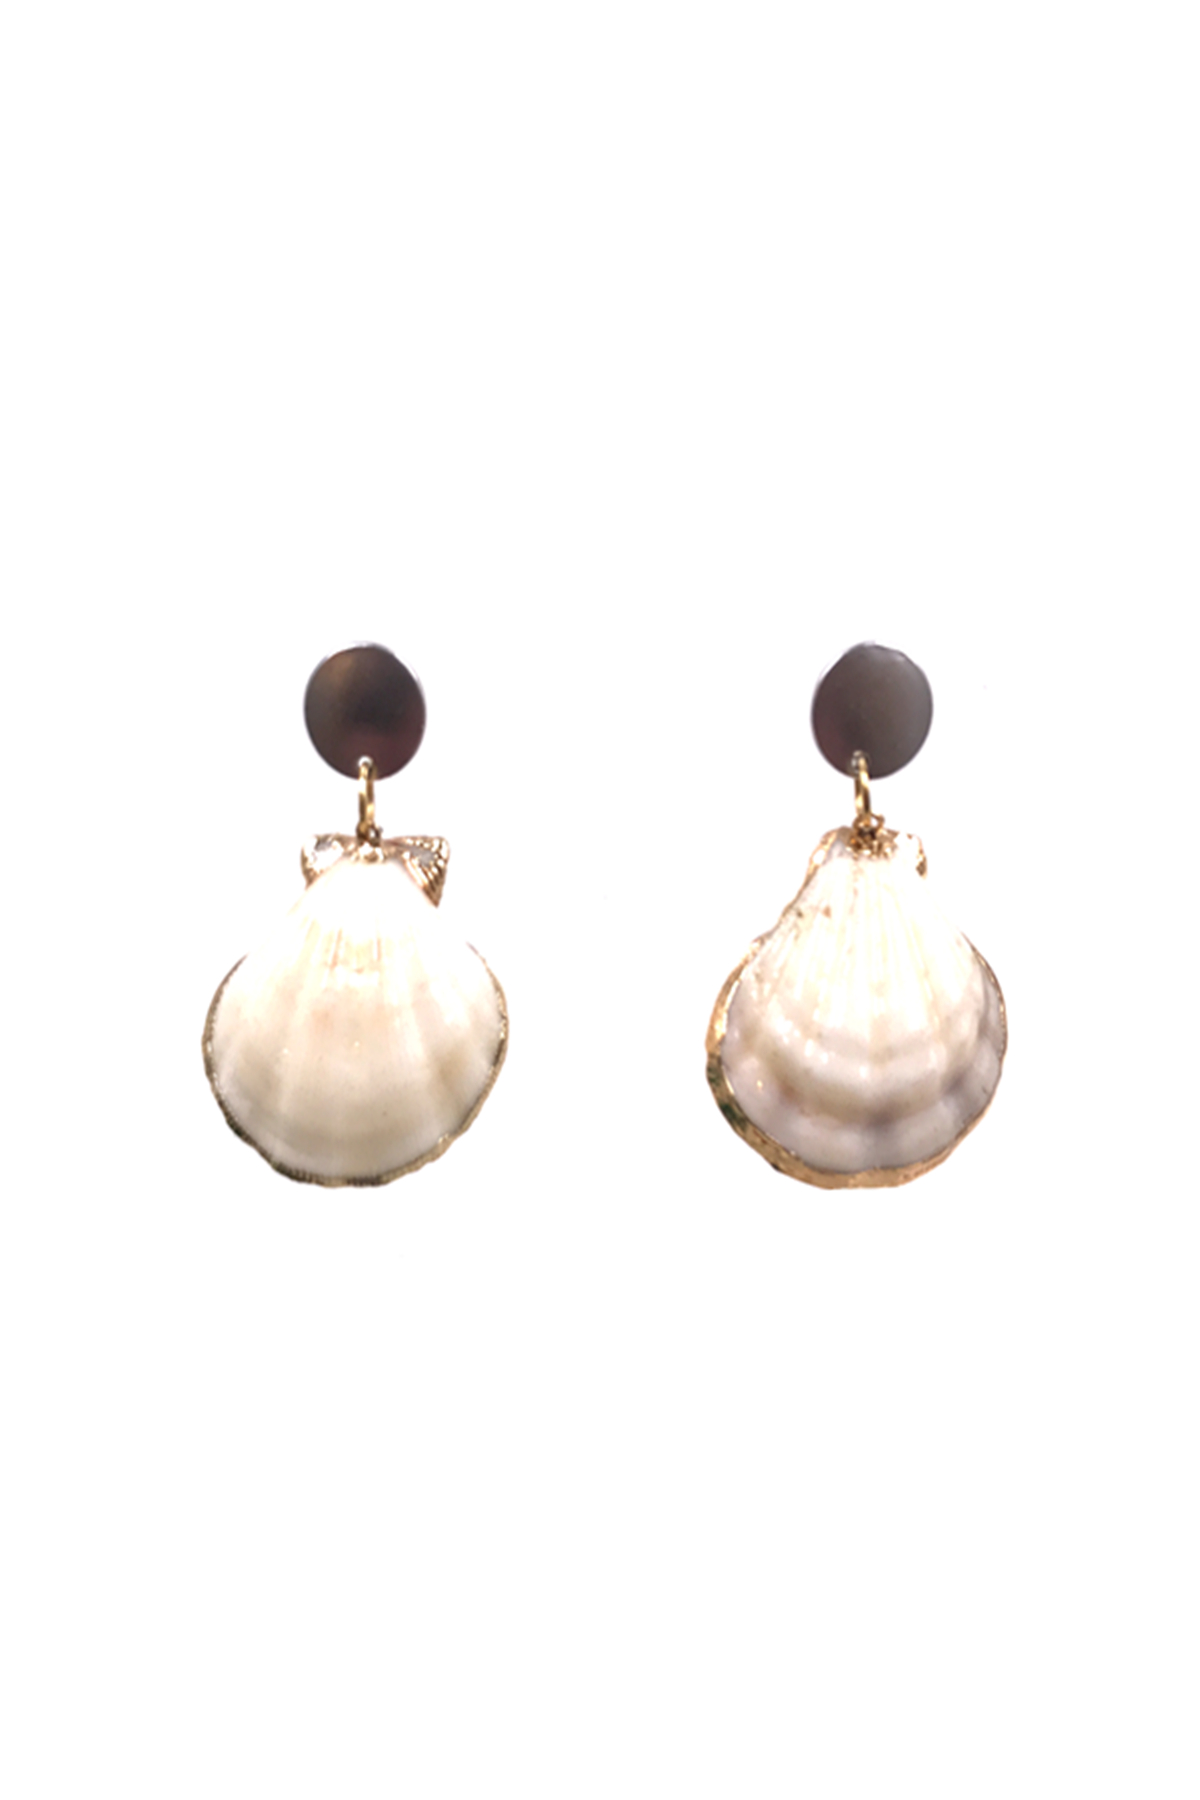 Boucles d'oreilles Accessoires Ecru BELLISSIMA 108BO07 #c eFashion Paris